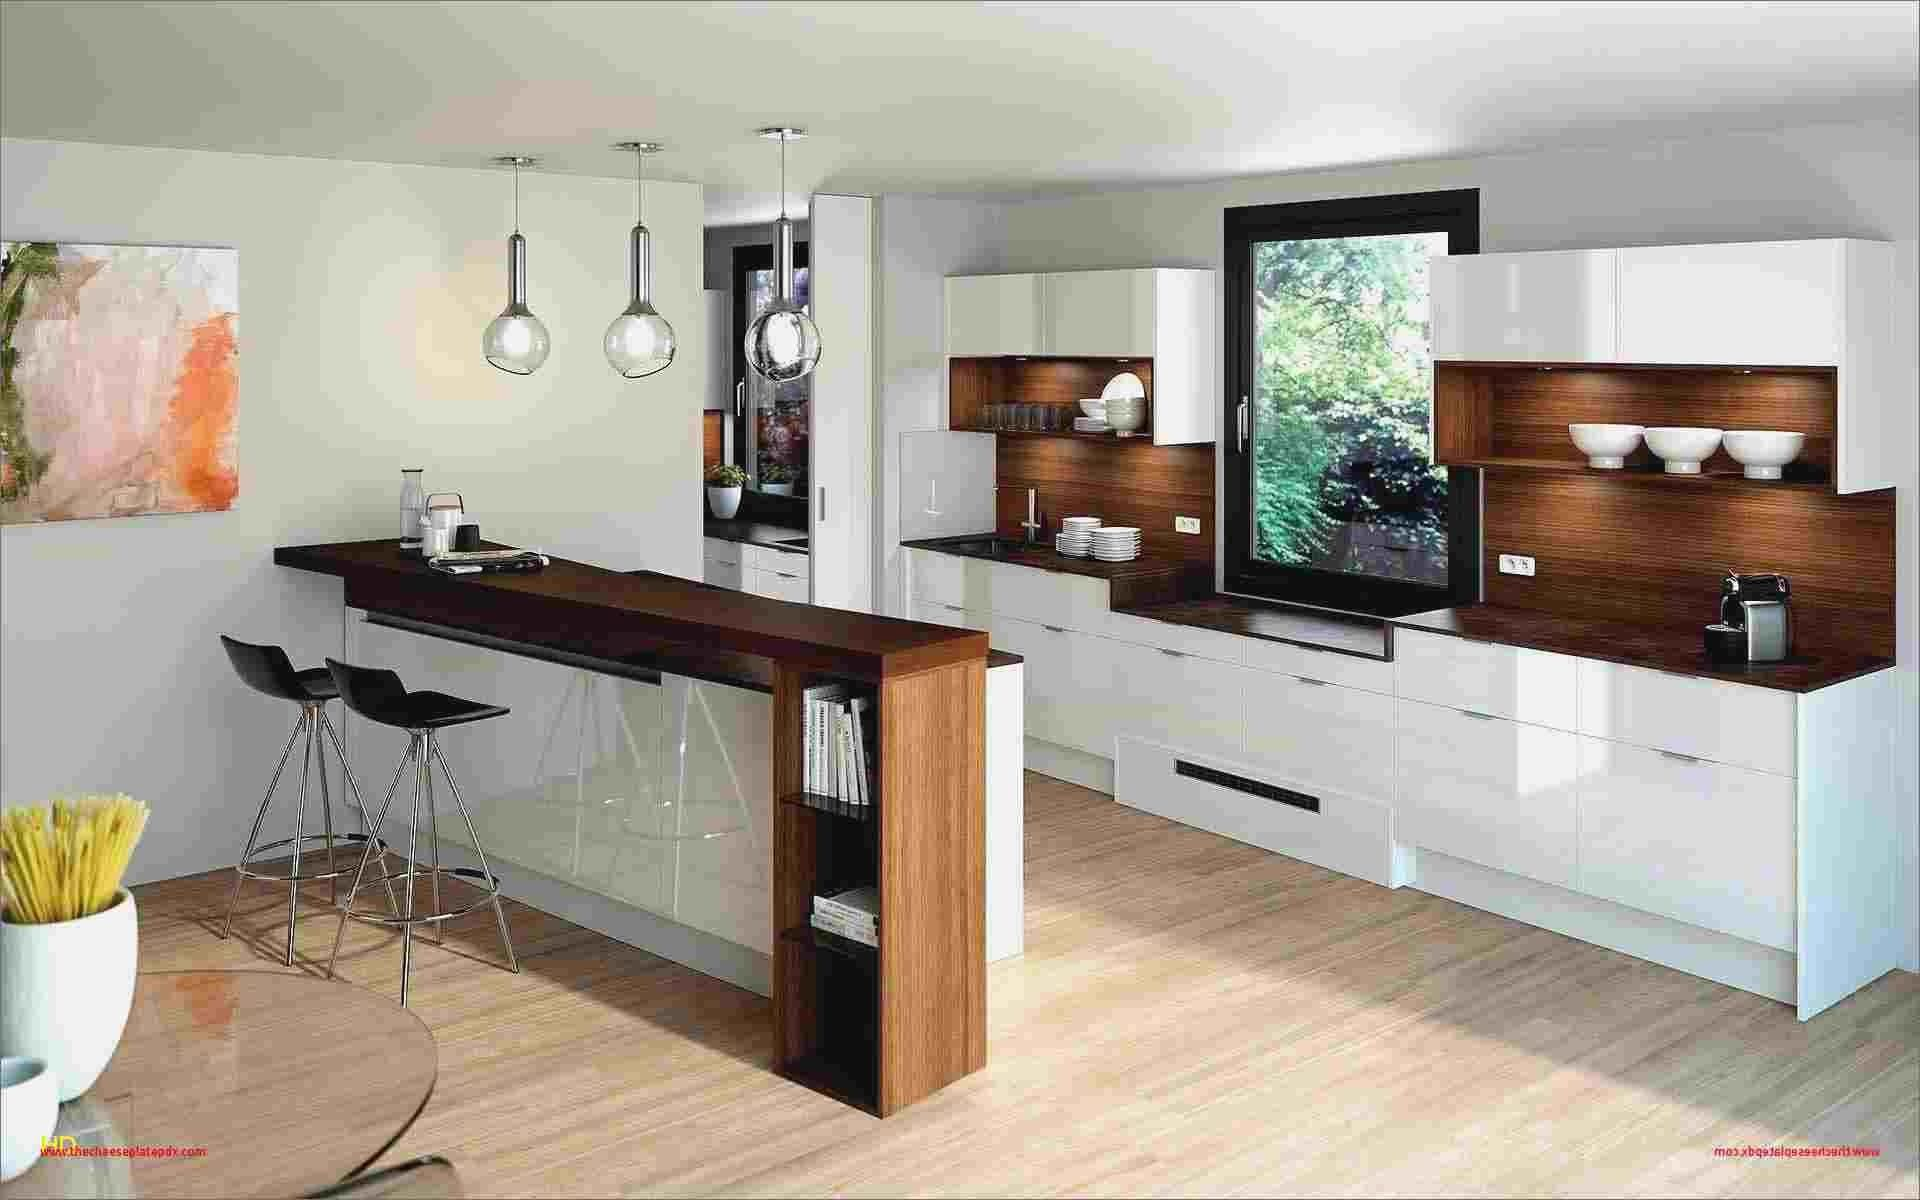 L Kuche Mit Insel Inspirierend Das Erstaunlich Zusatzlich Zu Attraktiv Kuche L Form Mit Theke Interior Interior Furniture Home